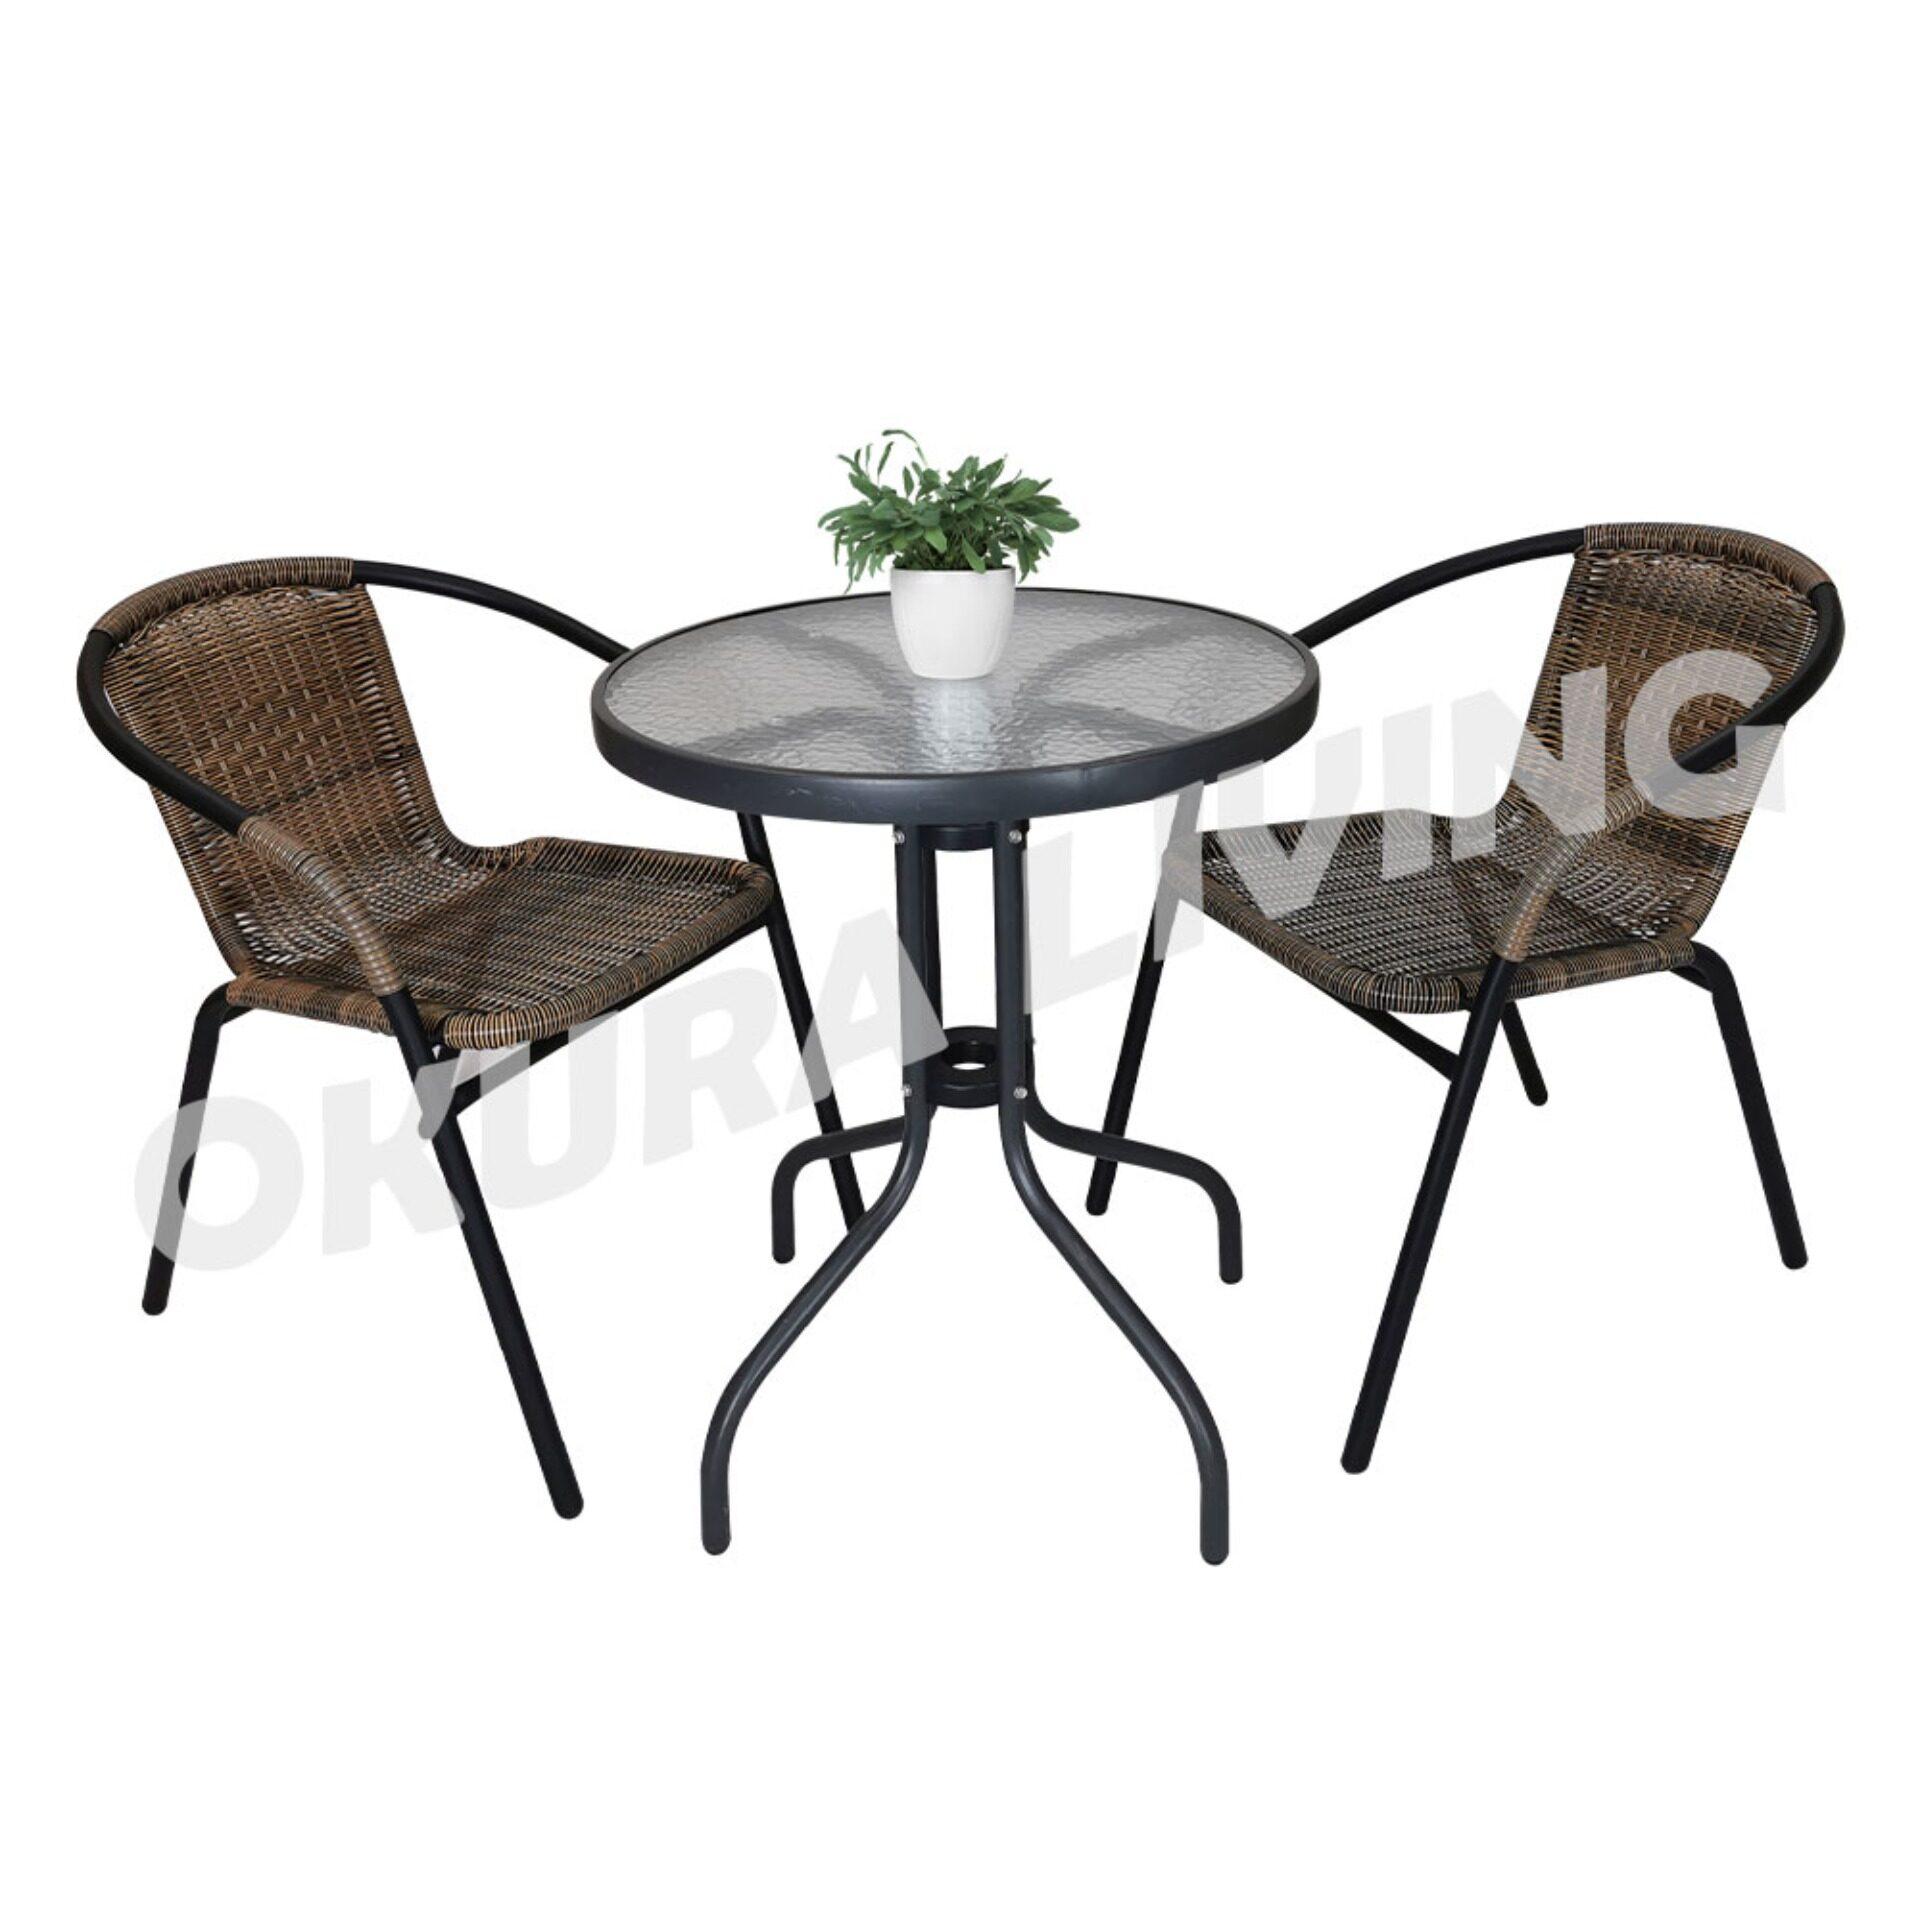 OKURA Outdoor / Indoor / Balcony Luxury Rattan Garden Set 1 Table + 2 Chairs (BROWN)